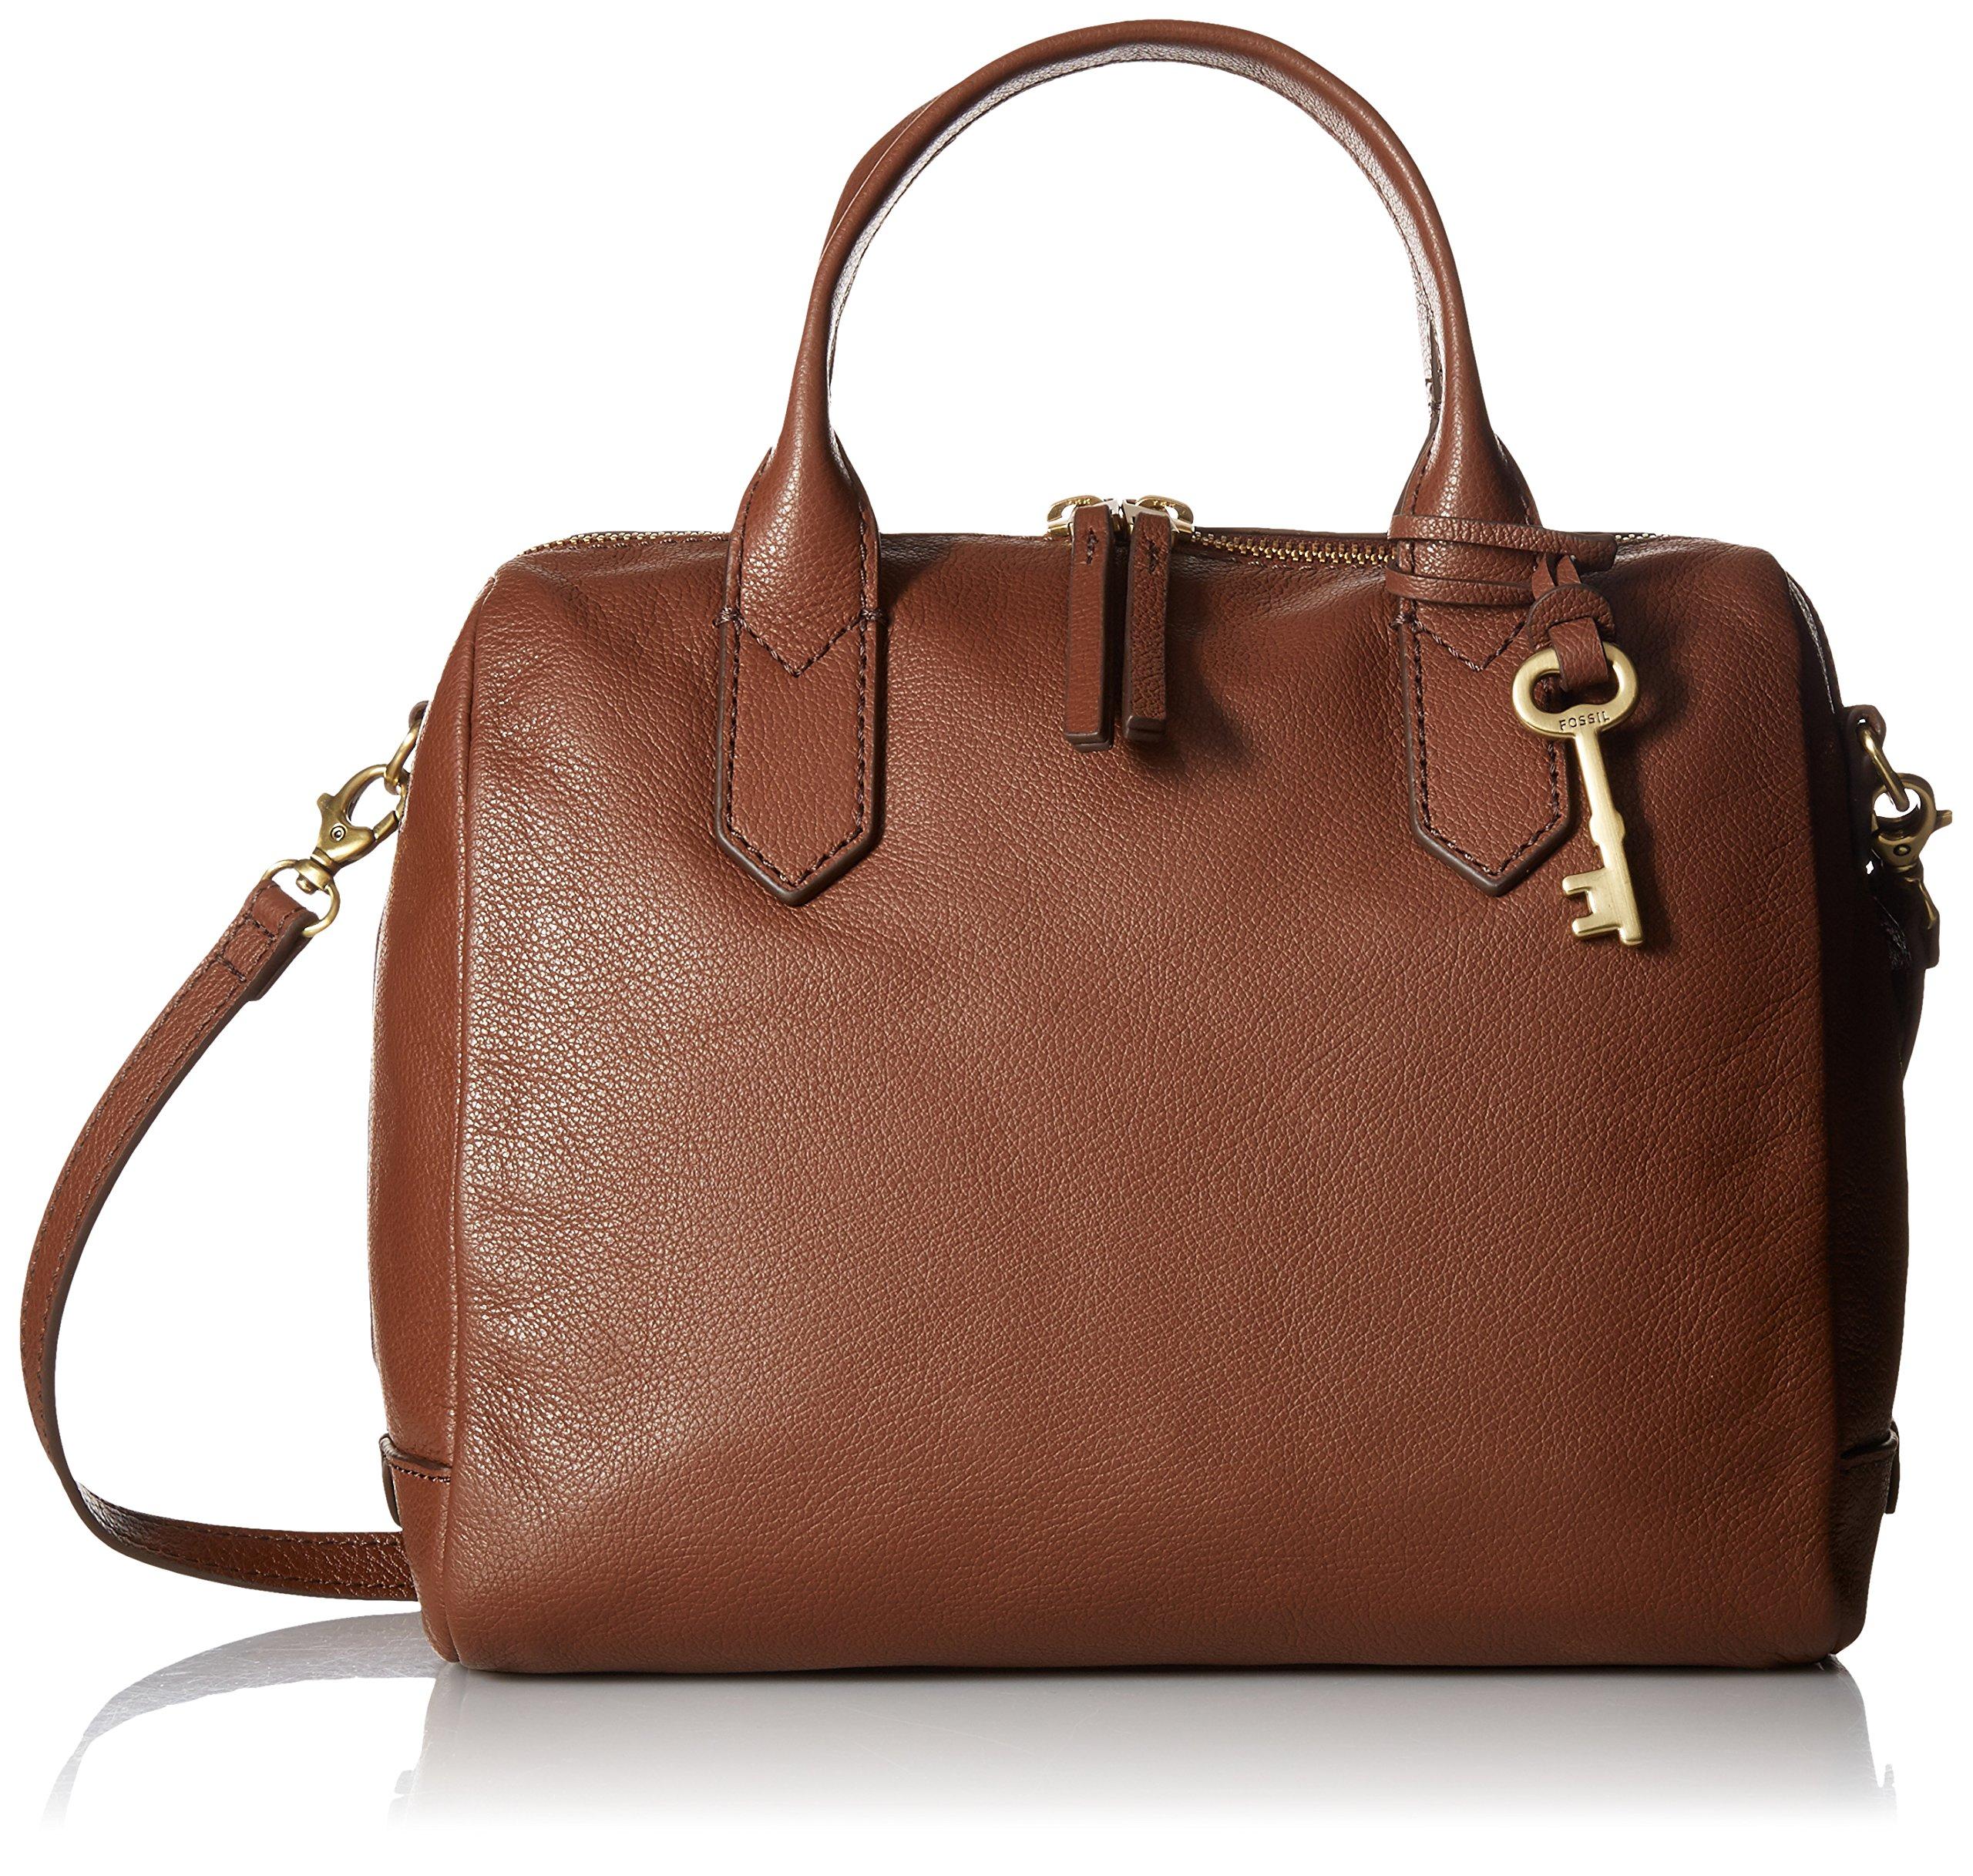 Fossil Fiona Satchel Handbag, Medium Brown